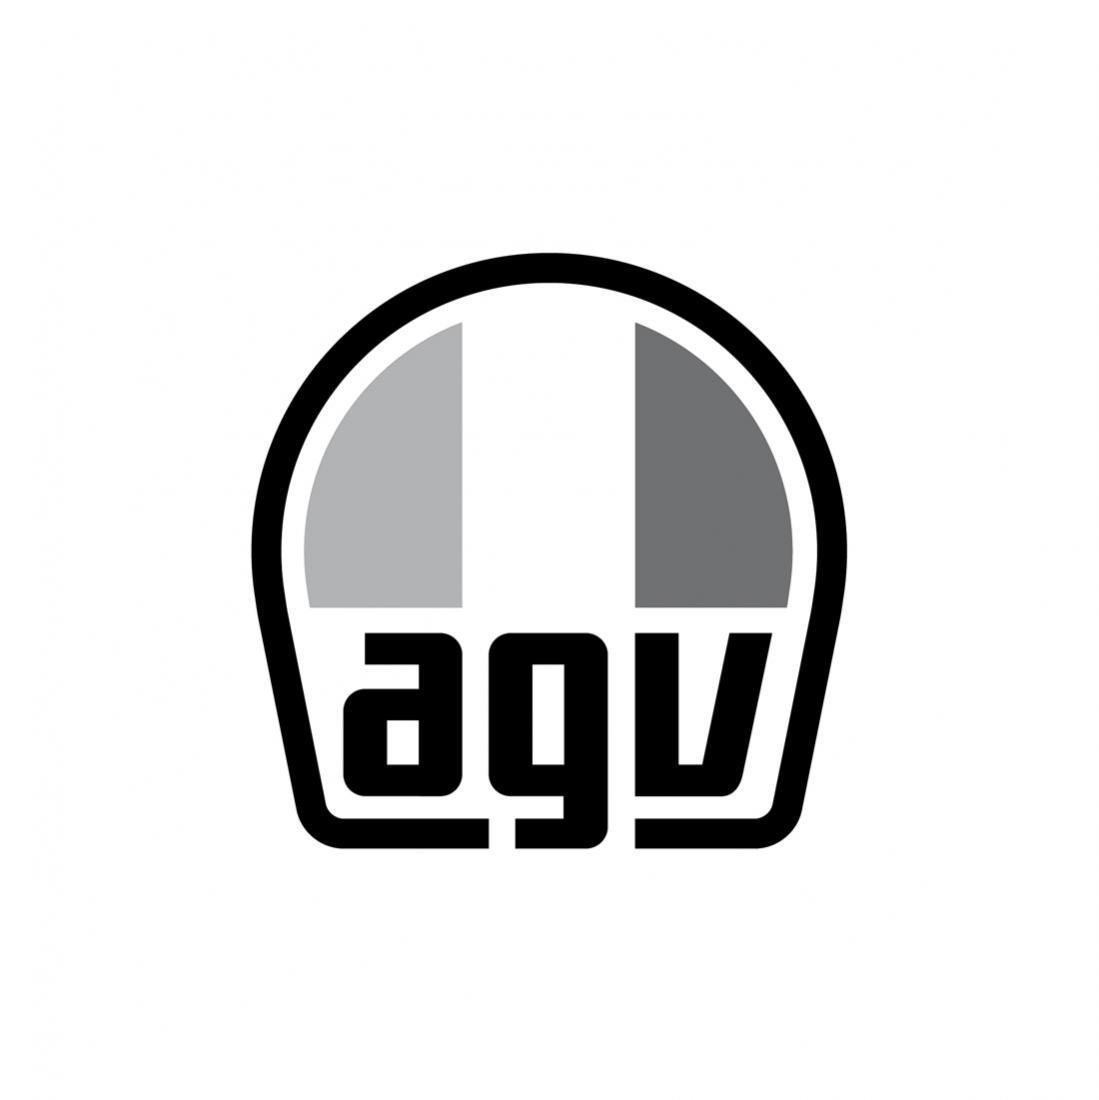 AGV エージーブイ ヘルメットパーツ 内装 PISTA GP R用 ピスタ TOP PAD ASIA [ギフト/プレゼント/ご褒美] GR XLサイズ 大幅にプライスダウン R トップパッド レッド KIT6023100210 FIT ブラック